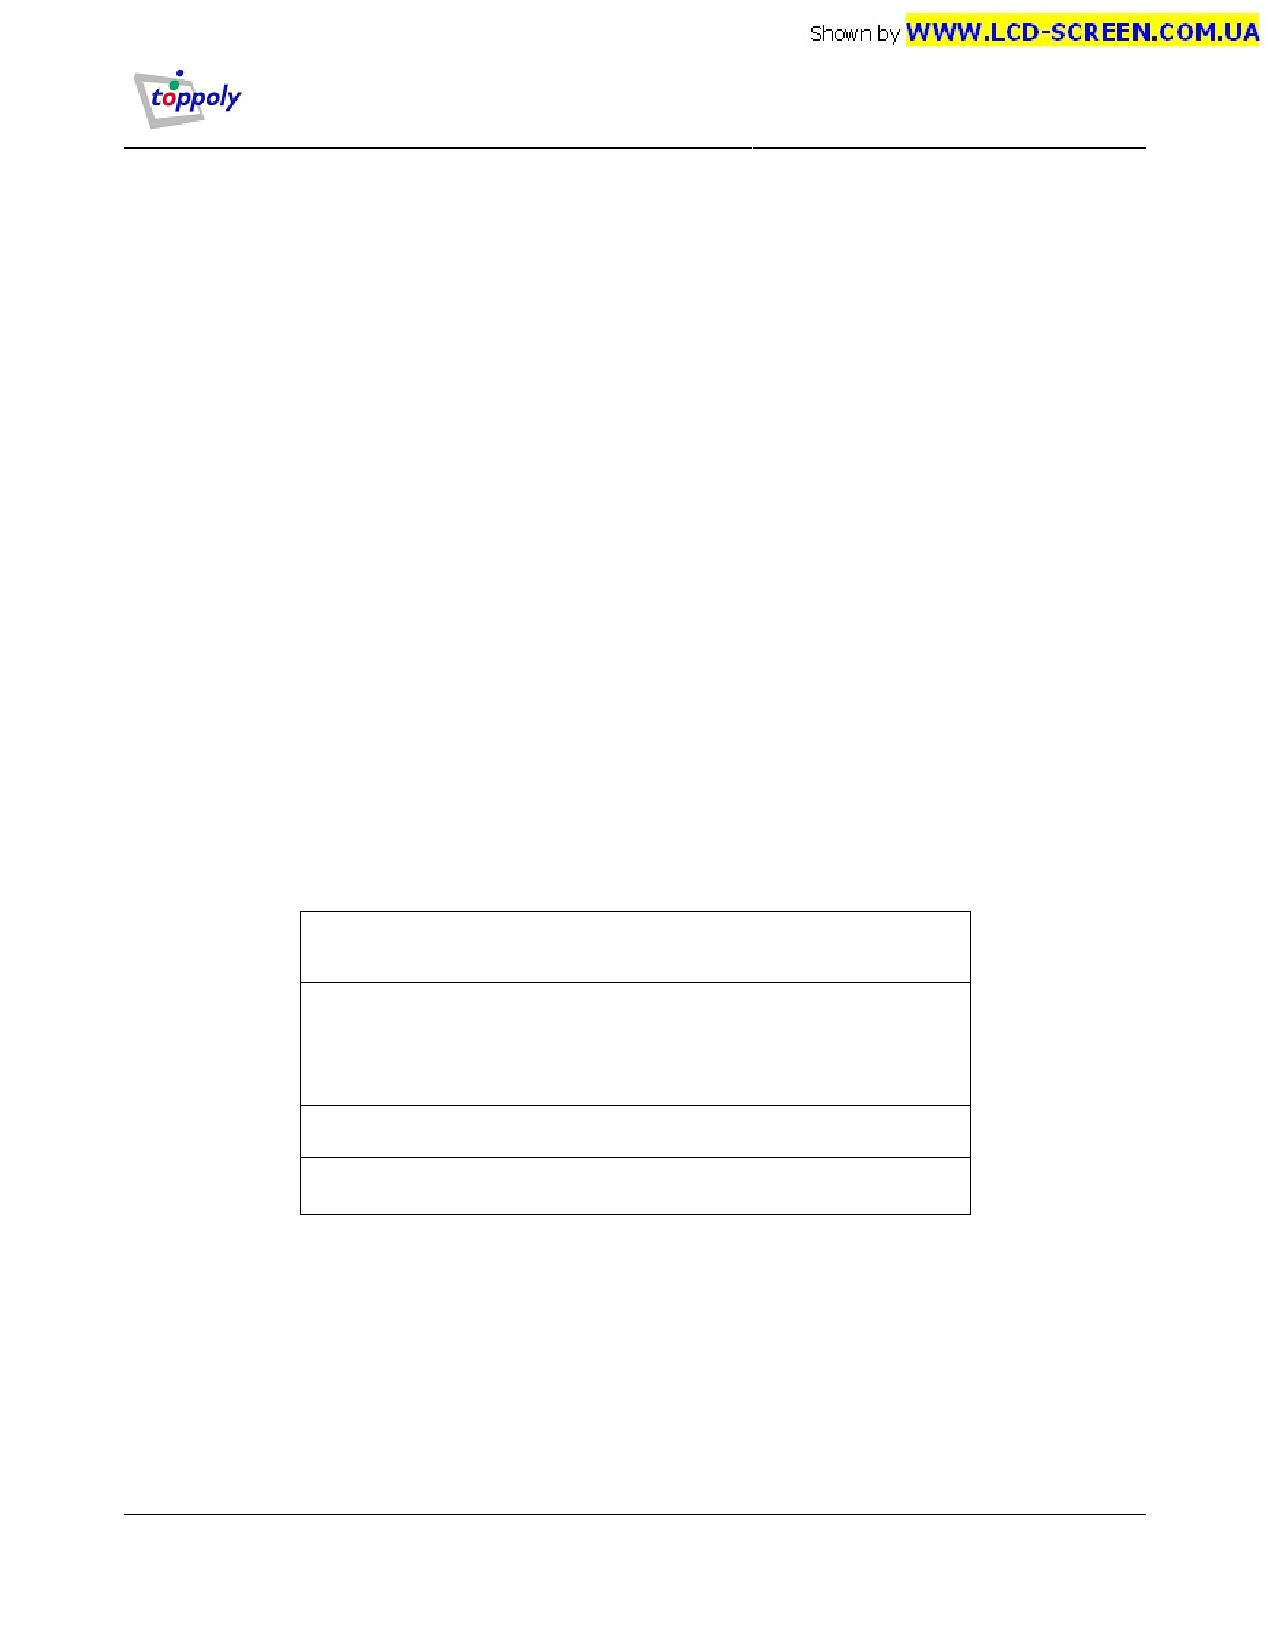 TD170WGCB3 دیتاشیت PDF